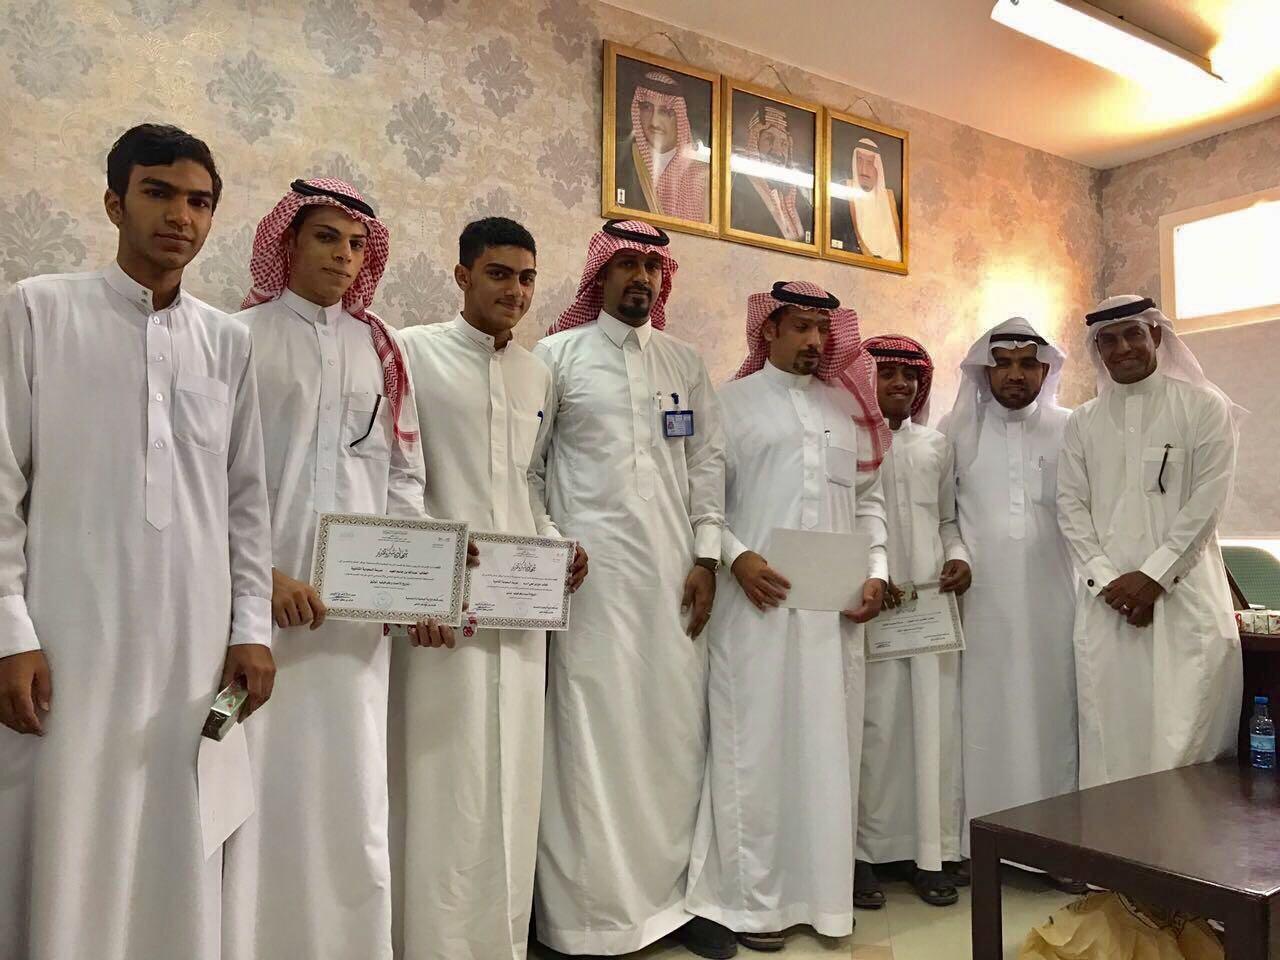 السعودية الثانوية بالمنيزلة تحصد ذهبية تاريخ الاحساء